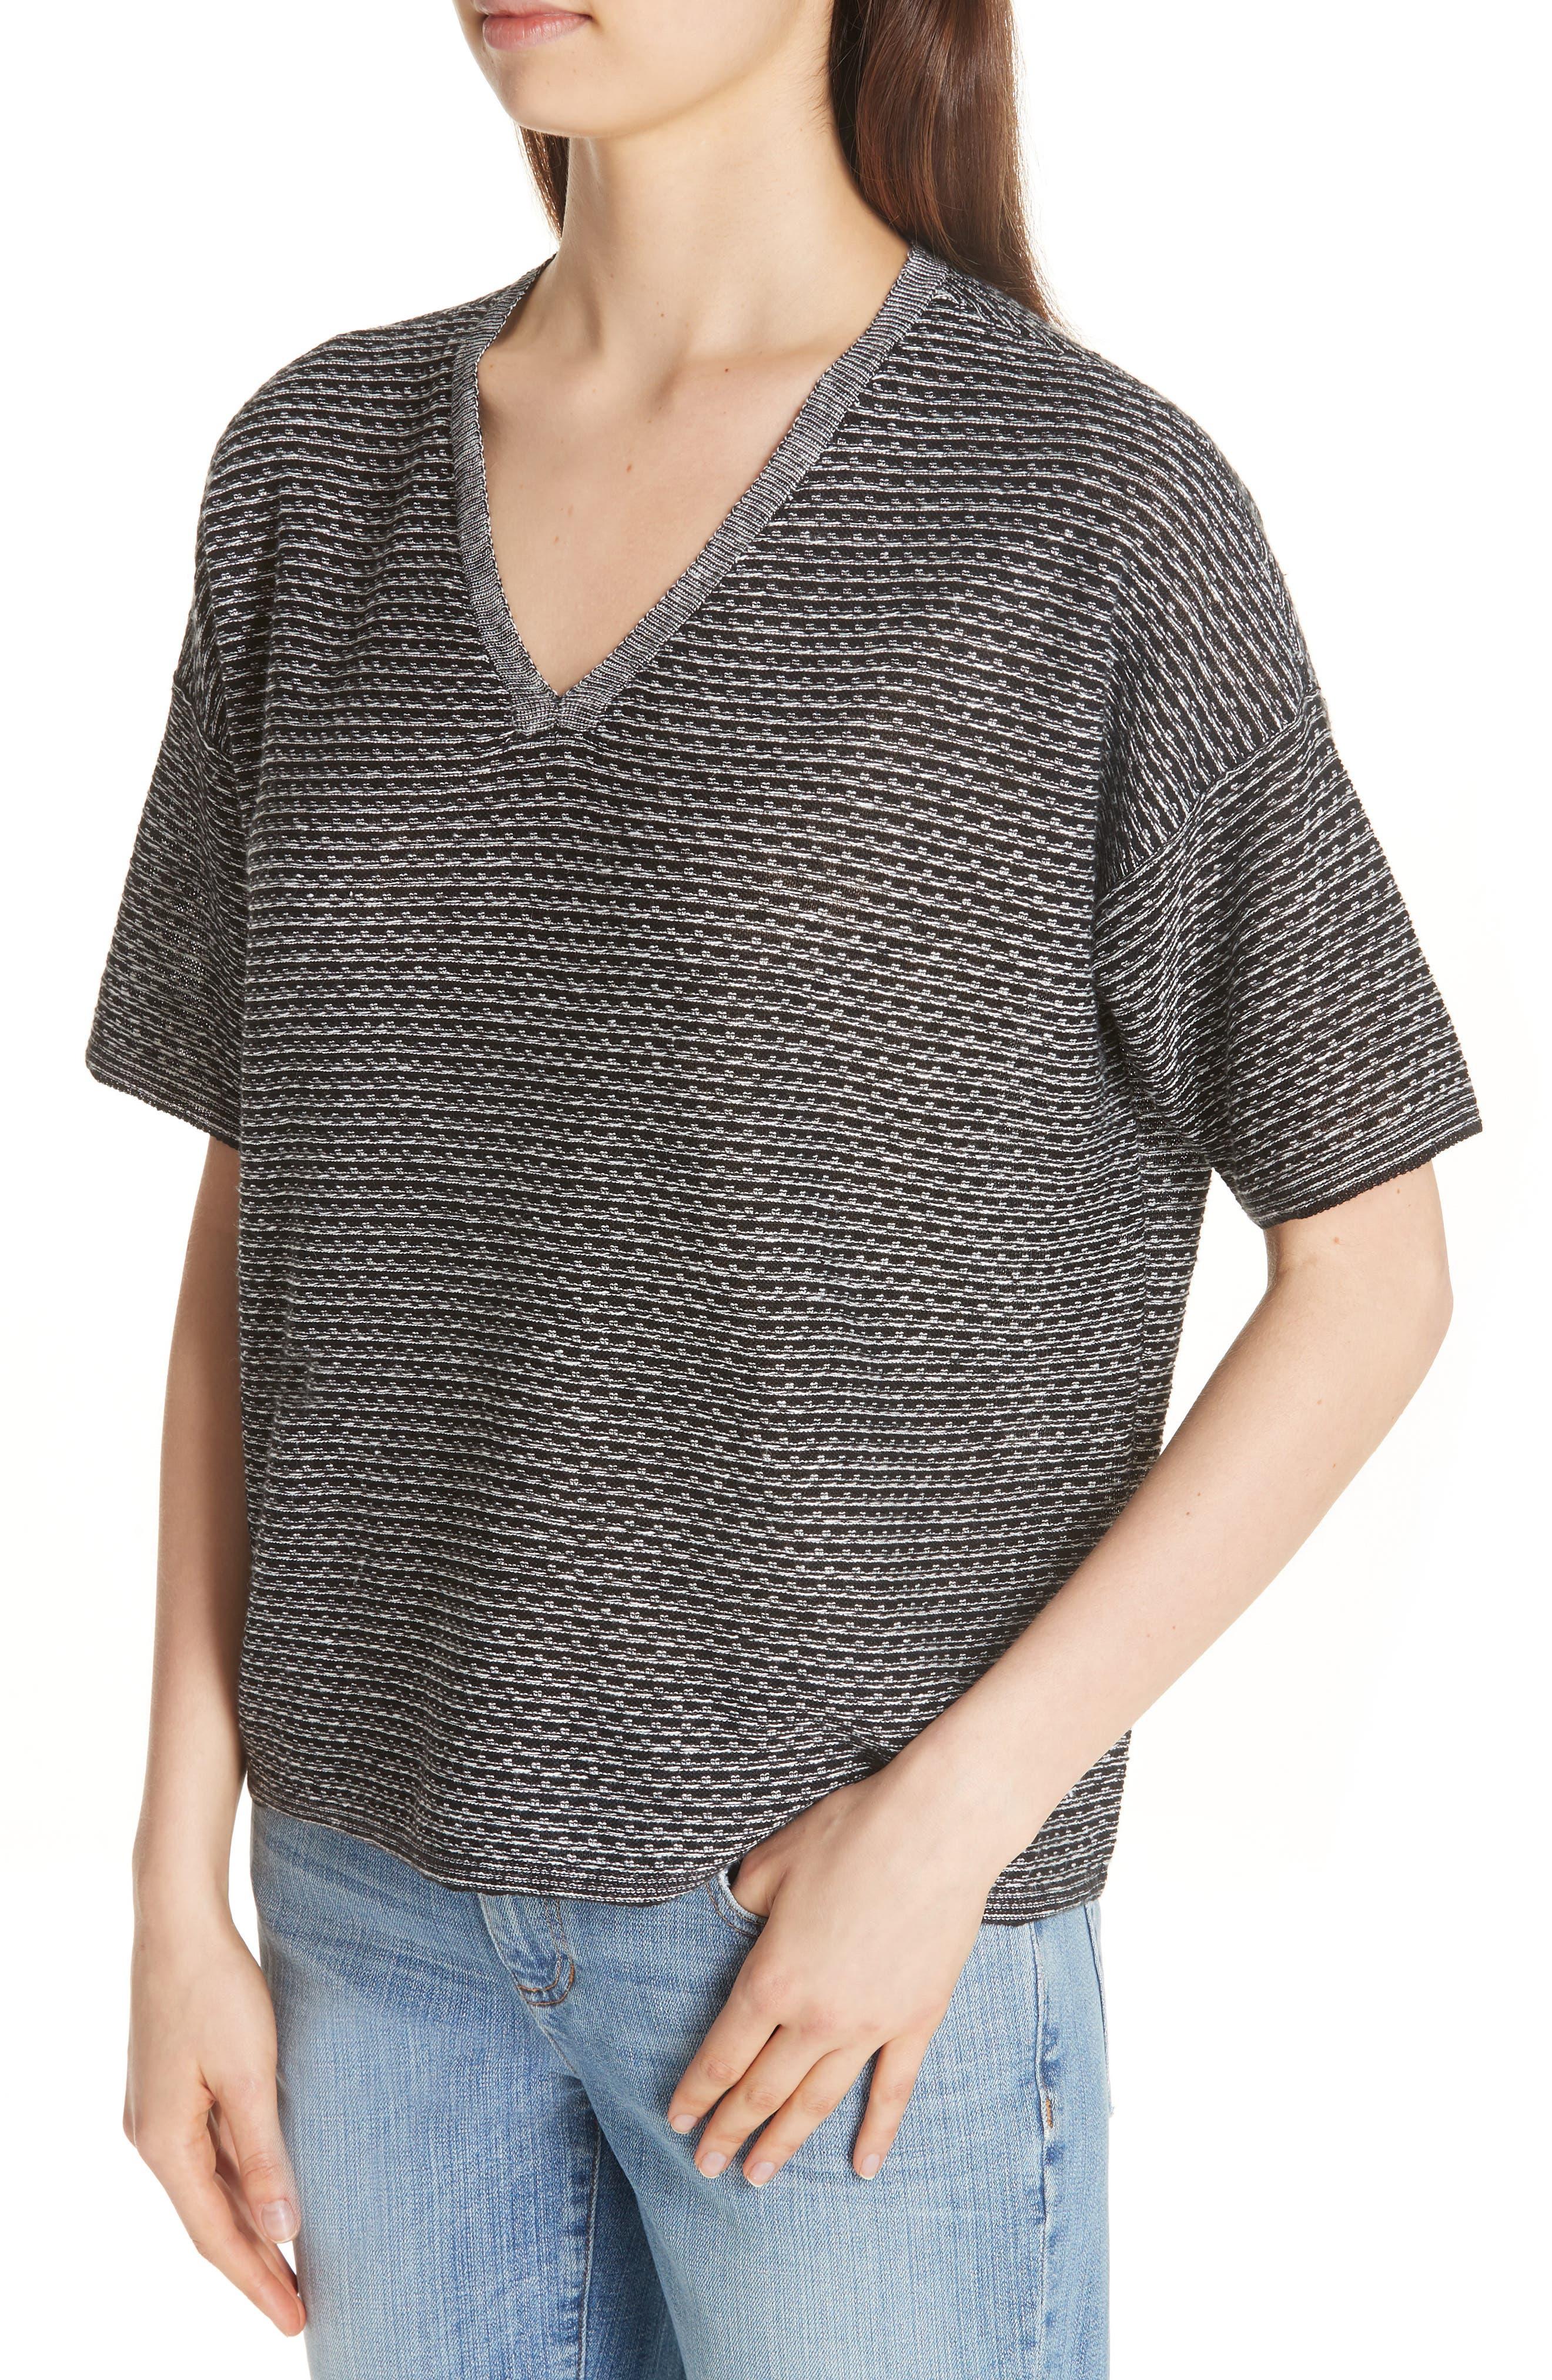 Organic Linen Jacquard Sweater,                             Alternate thumbnail 4, color,                             Black/ Soft White